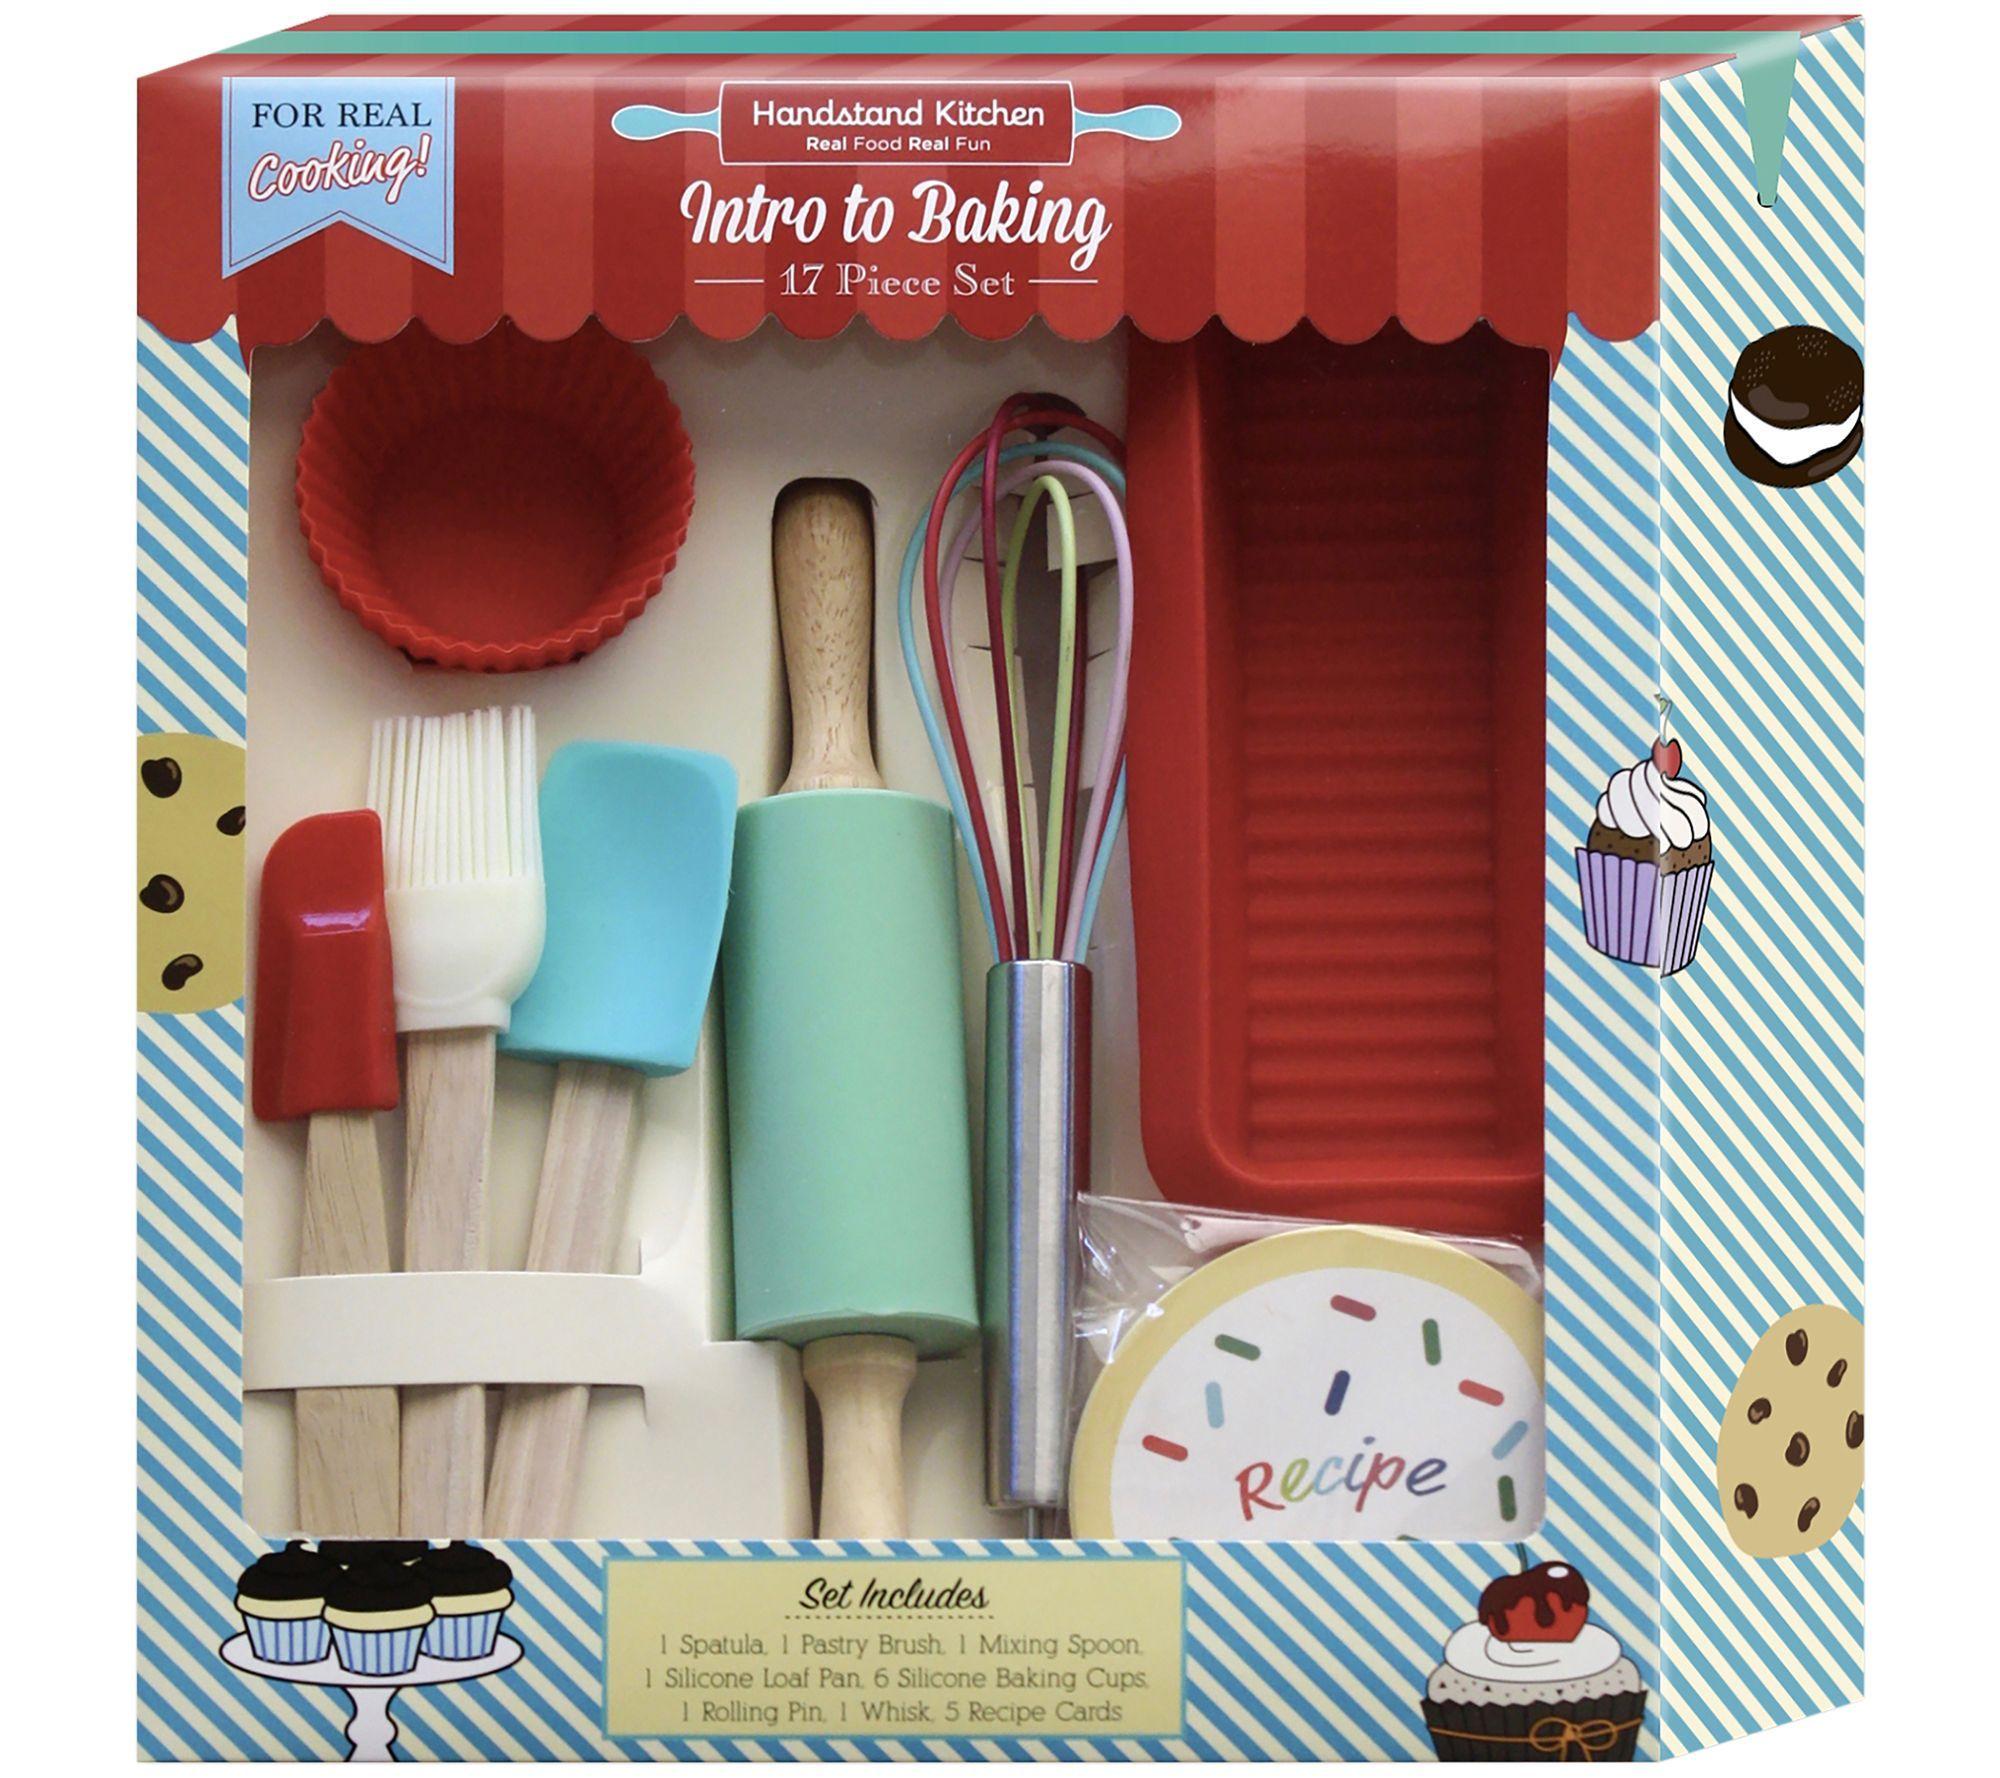 Handstand kitchen intro to baking 17piece set